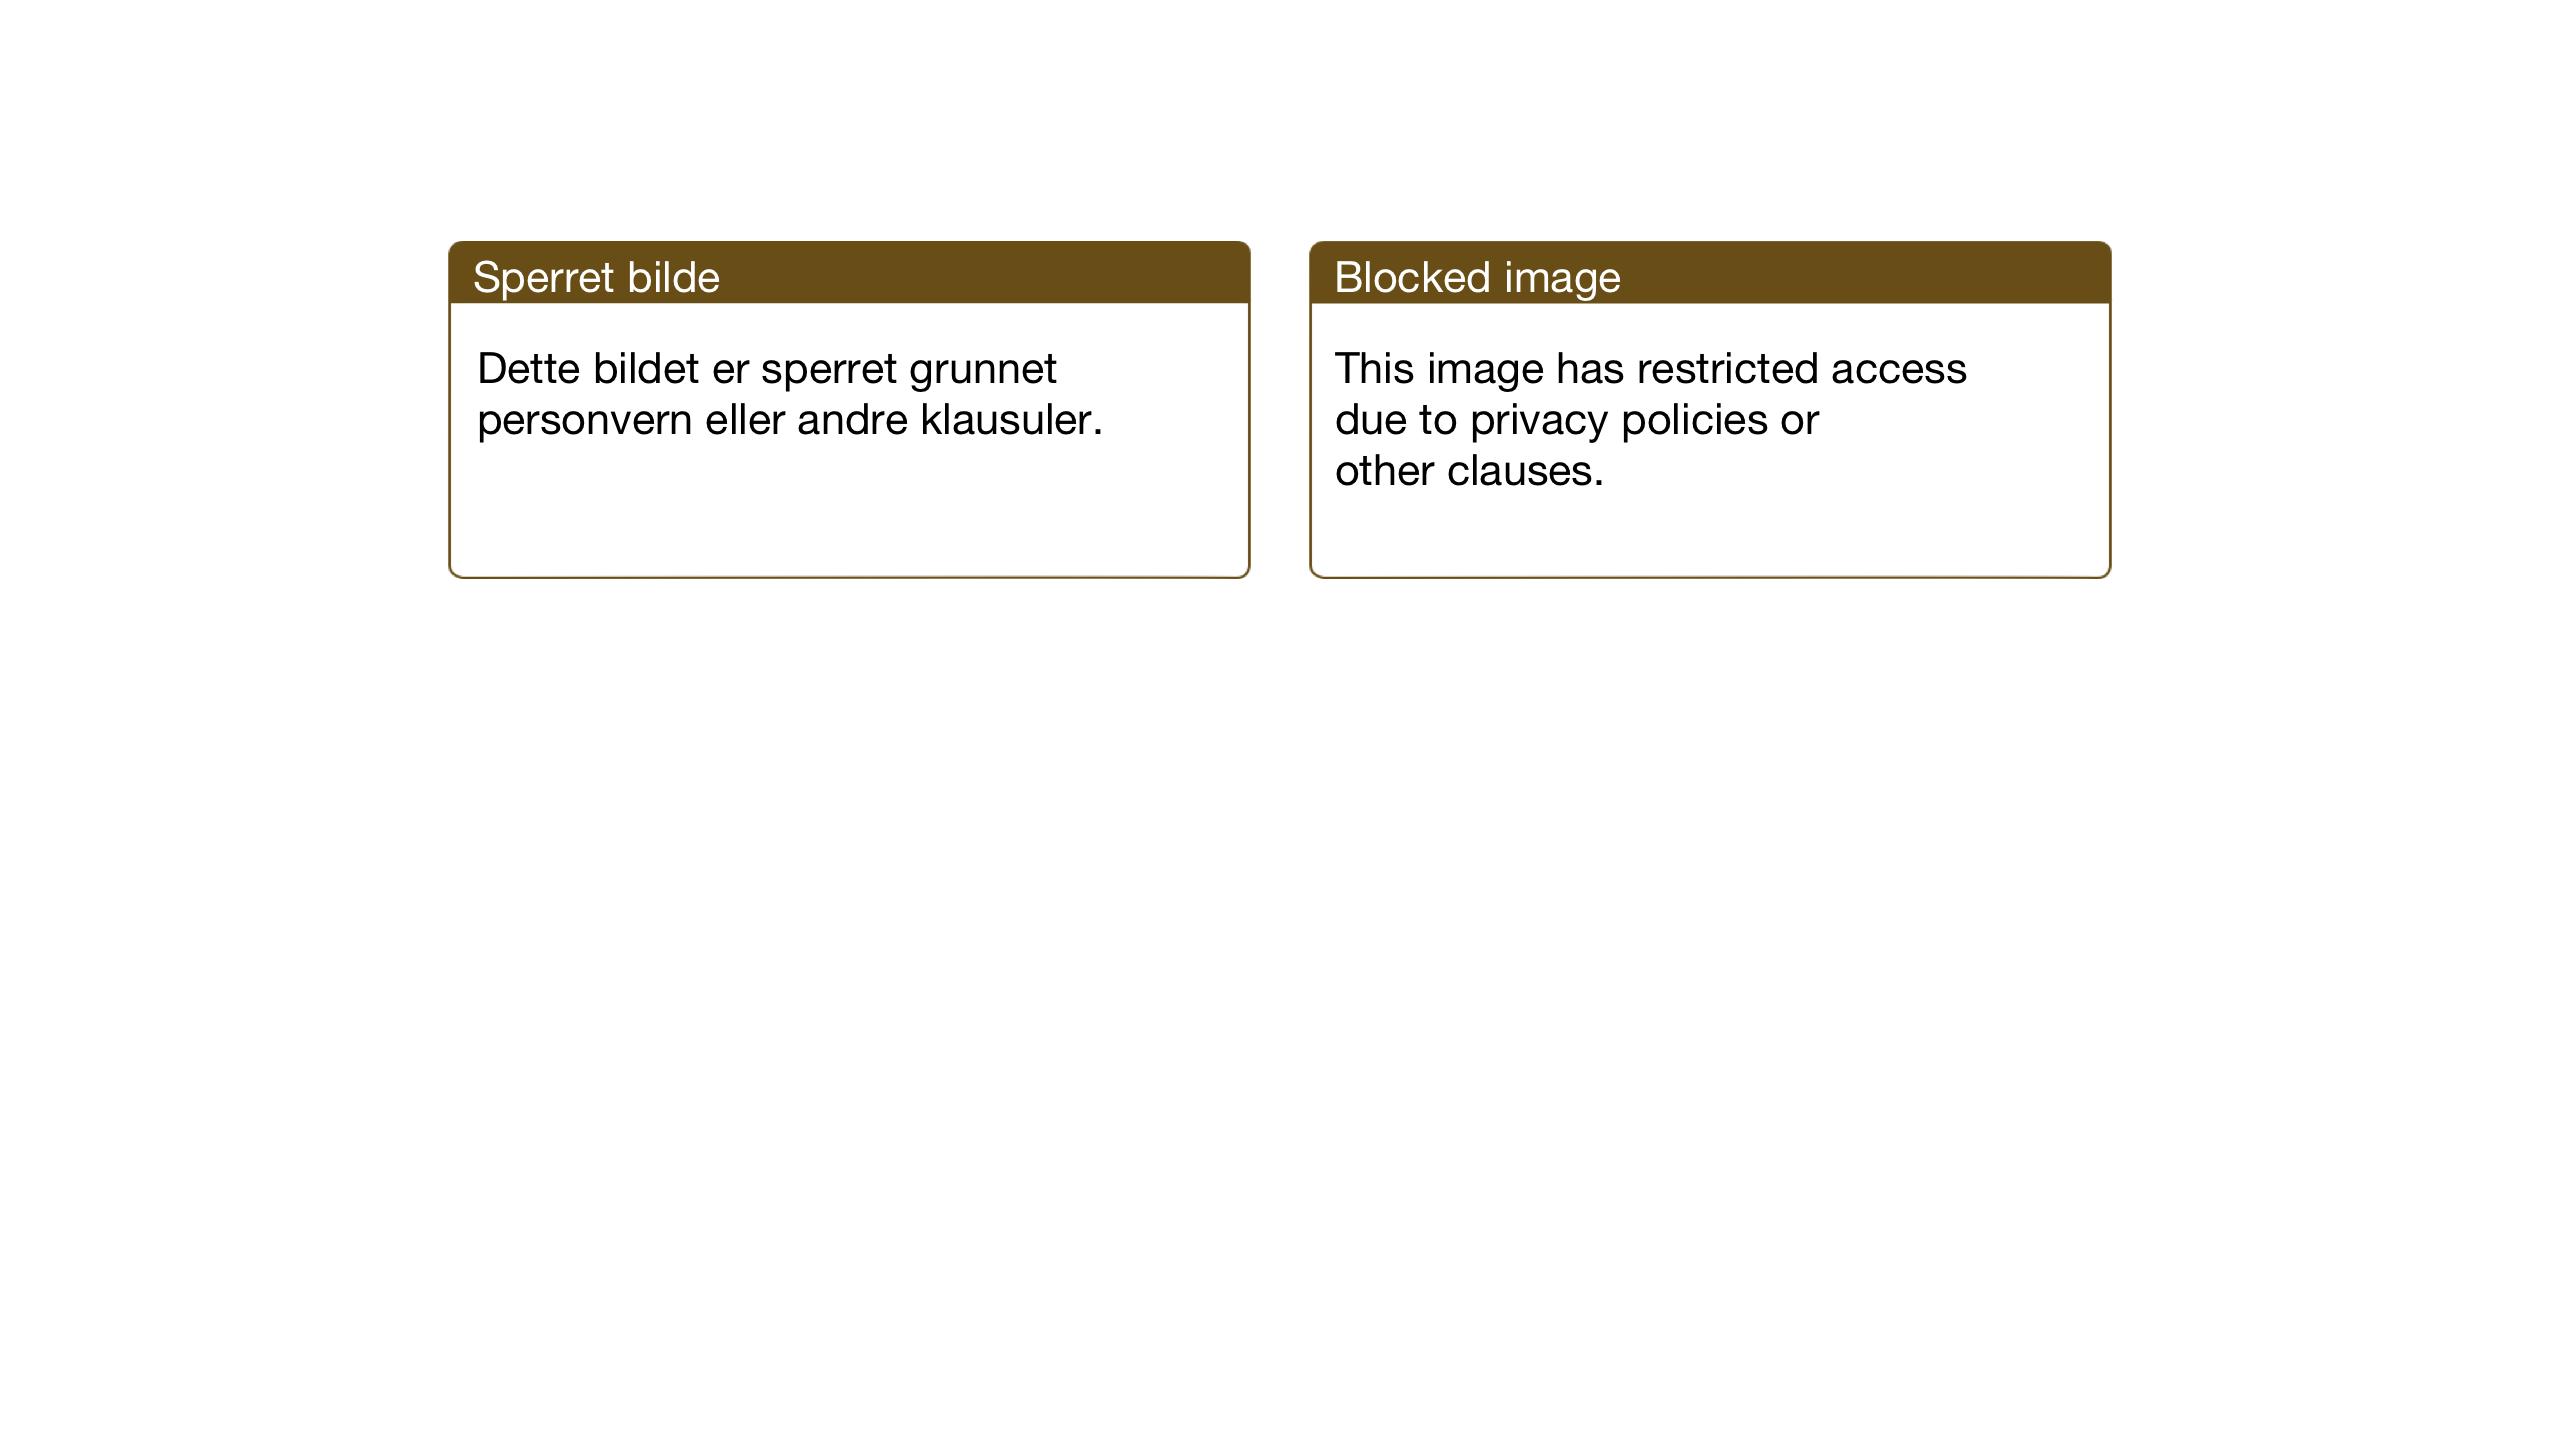 SAT, Ministerialprotokoller, klokkerbøker og fødselsregistre - Sør-Trøndelag, 602/L0120: Ministerialbok nr. 602A18, 1880-1913, s. 173